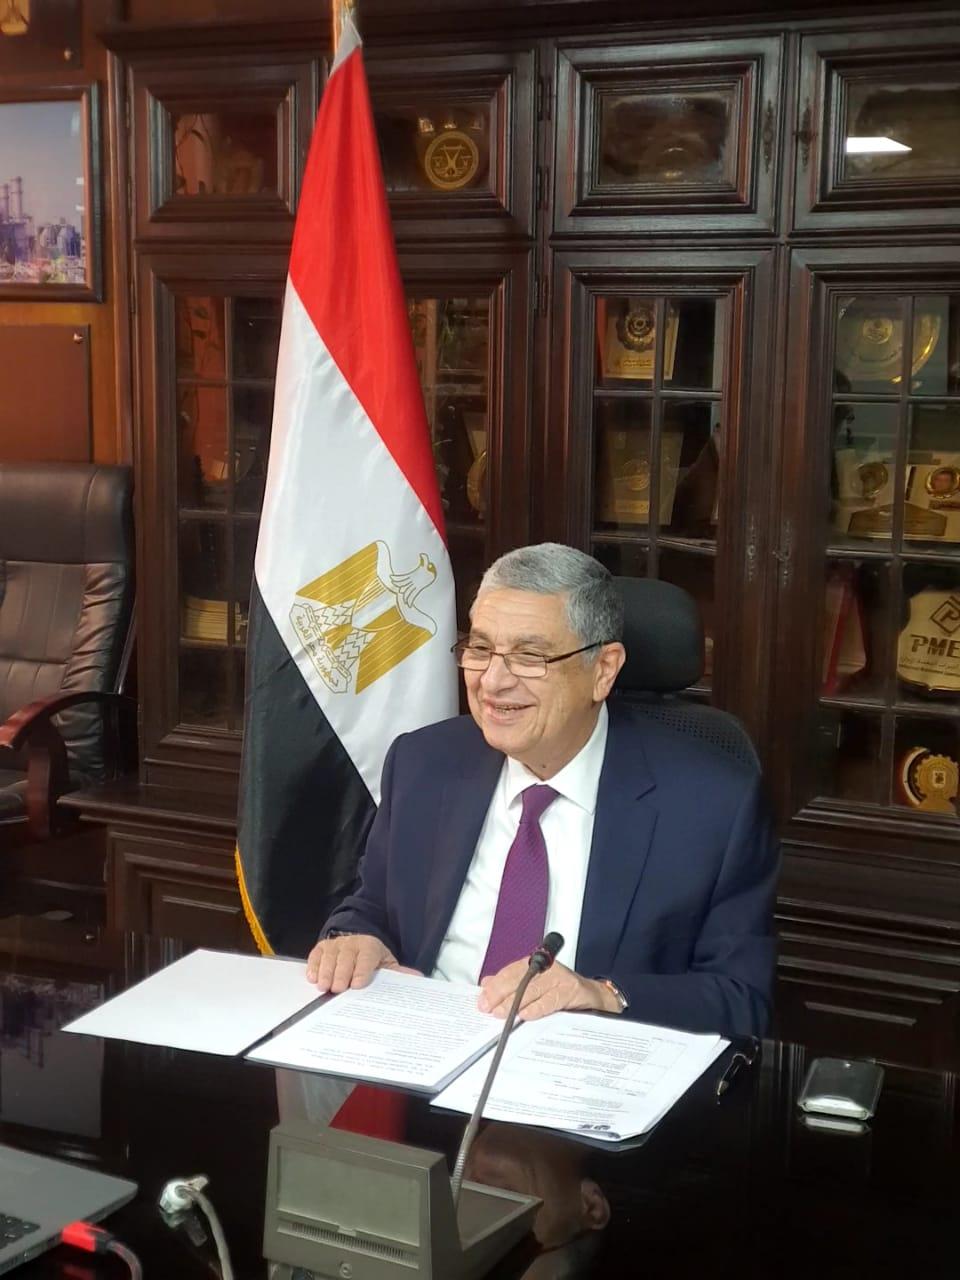 وزير الكهرباء والطاقة المتجددة يشارك فى أول حوار بمجلس انتقال الطاقة على مستوى العمل مع مصر عبر خاصية الفيديو كونفراس